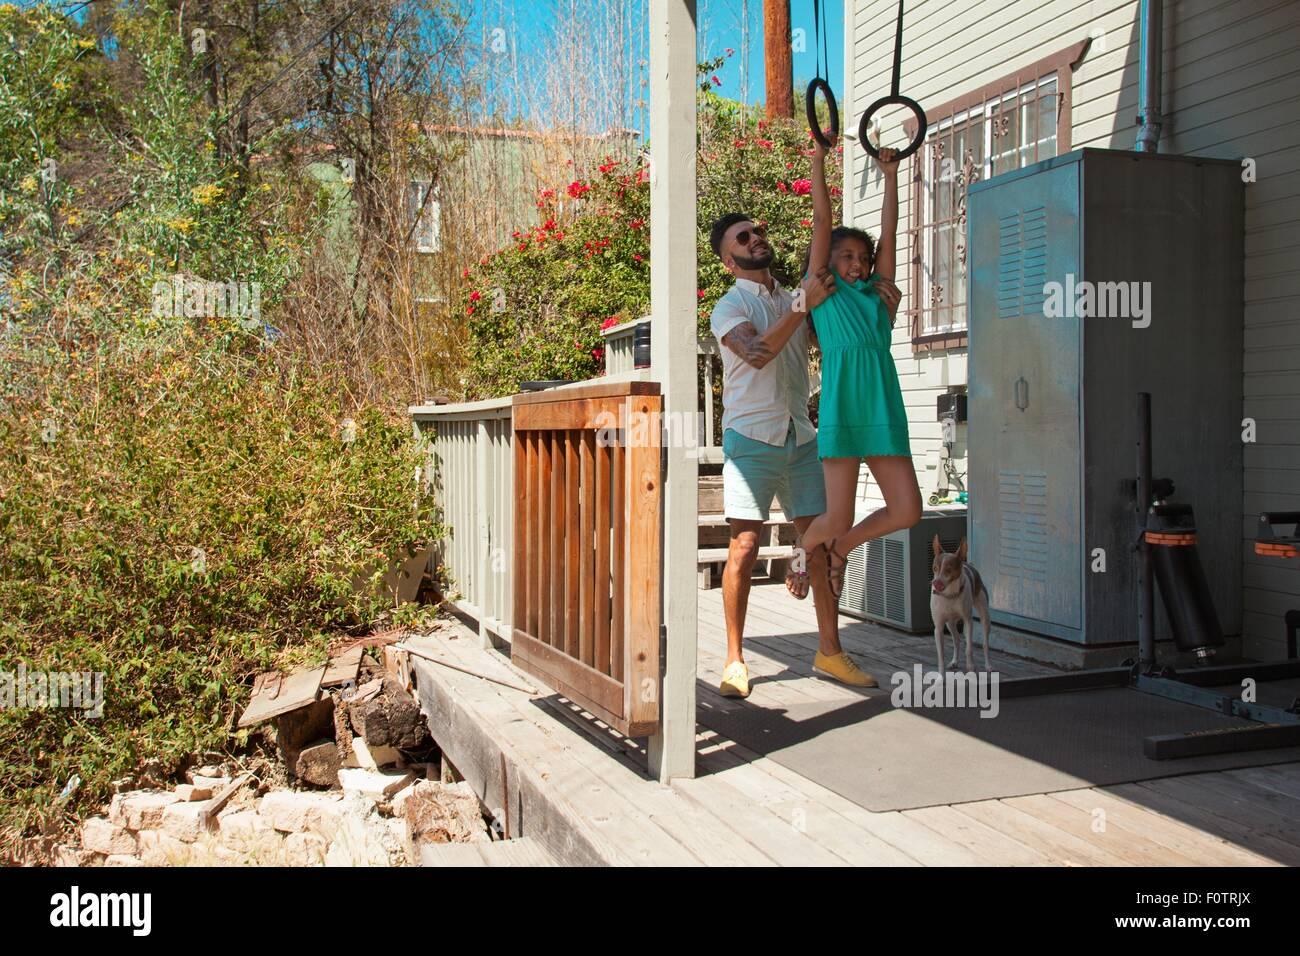 Mitte erwachsener Mann heben Tochter an Übung Ringen auf Terrasse Stockbild